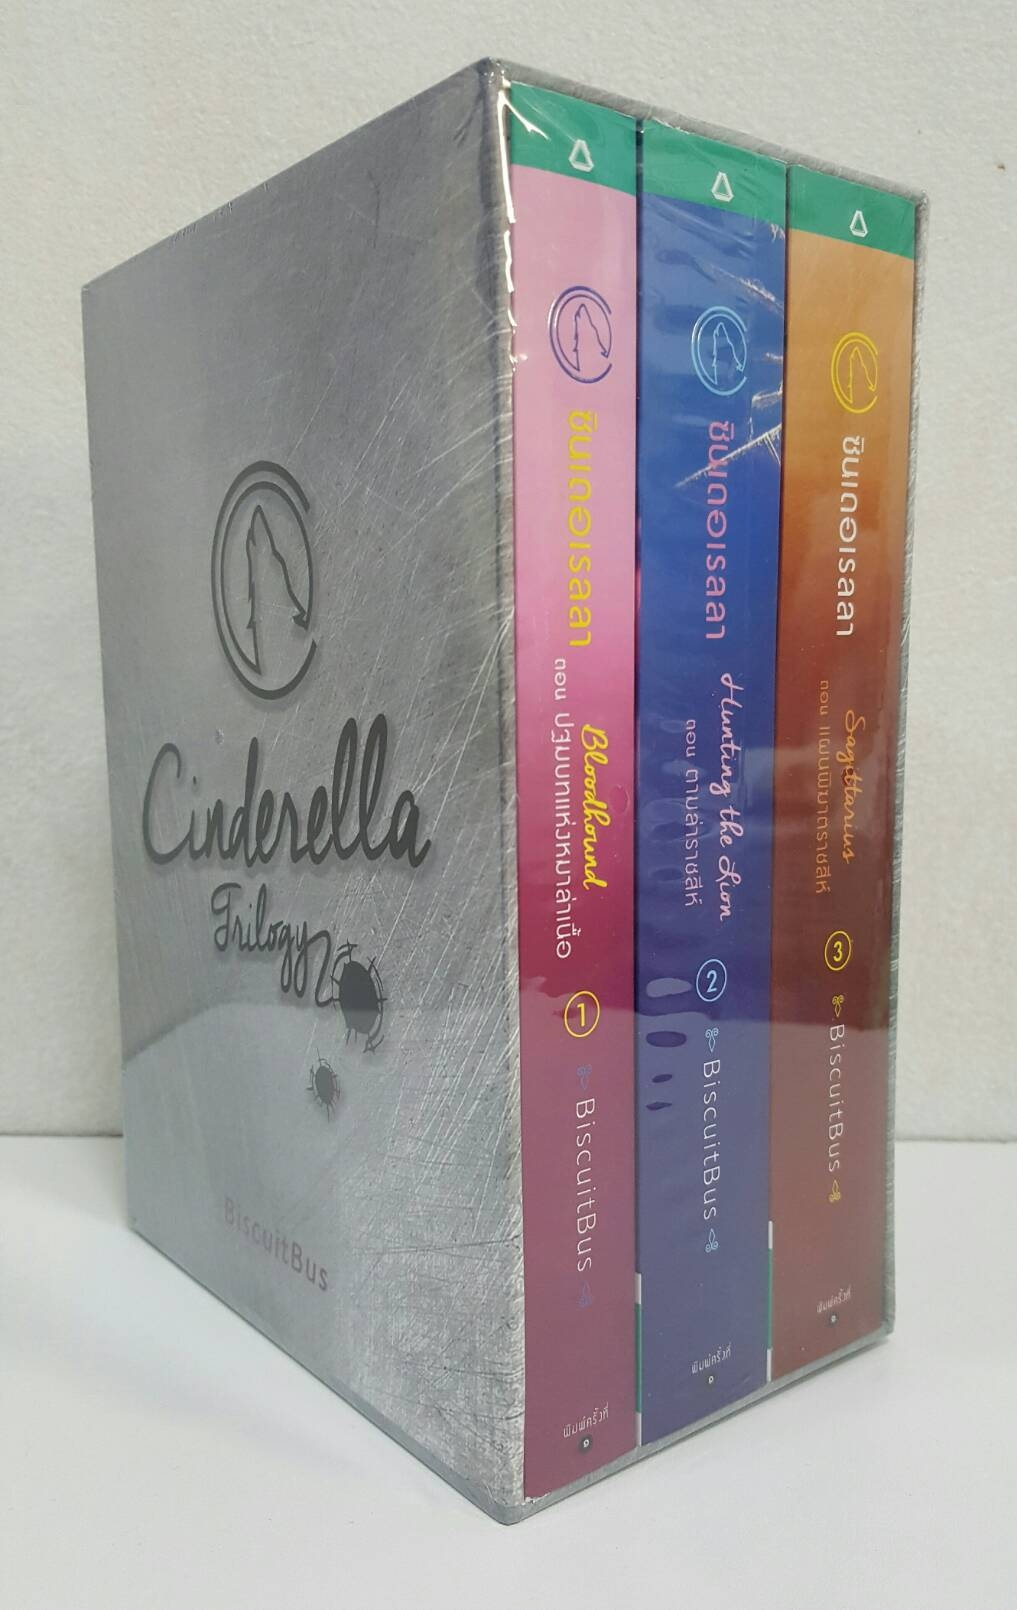 Boxset หนังสือชุดซินเดอเรลลา (3 เล่ม) by BiscuitBus รีปริ้น